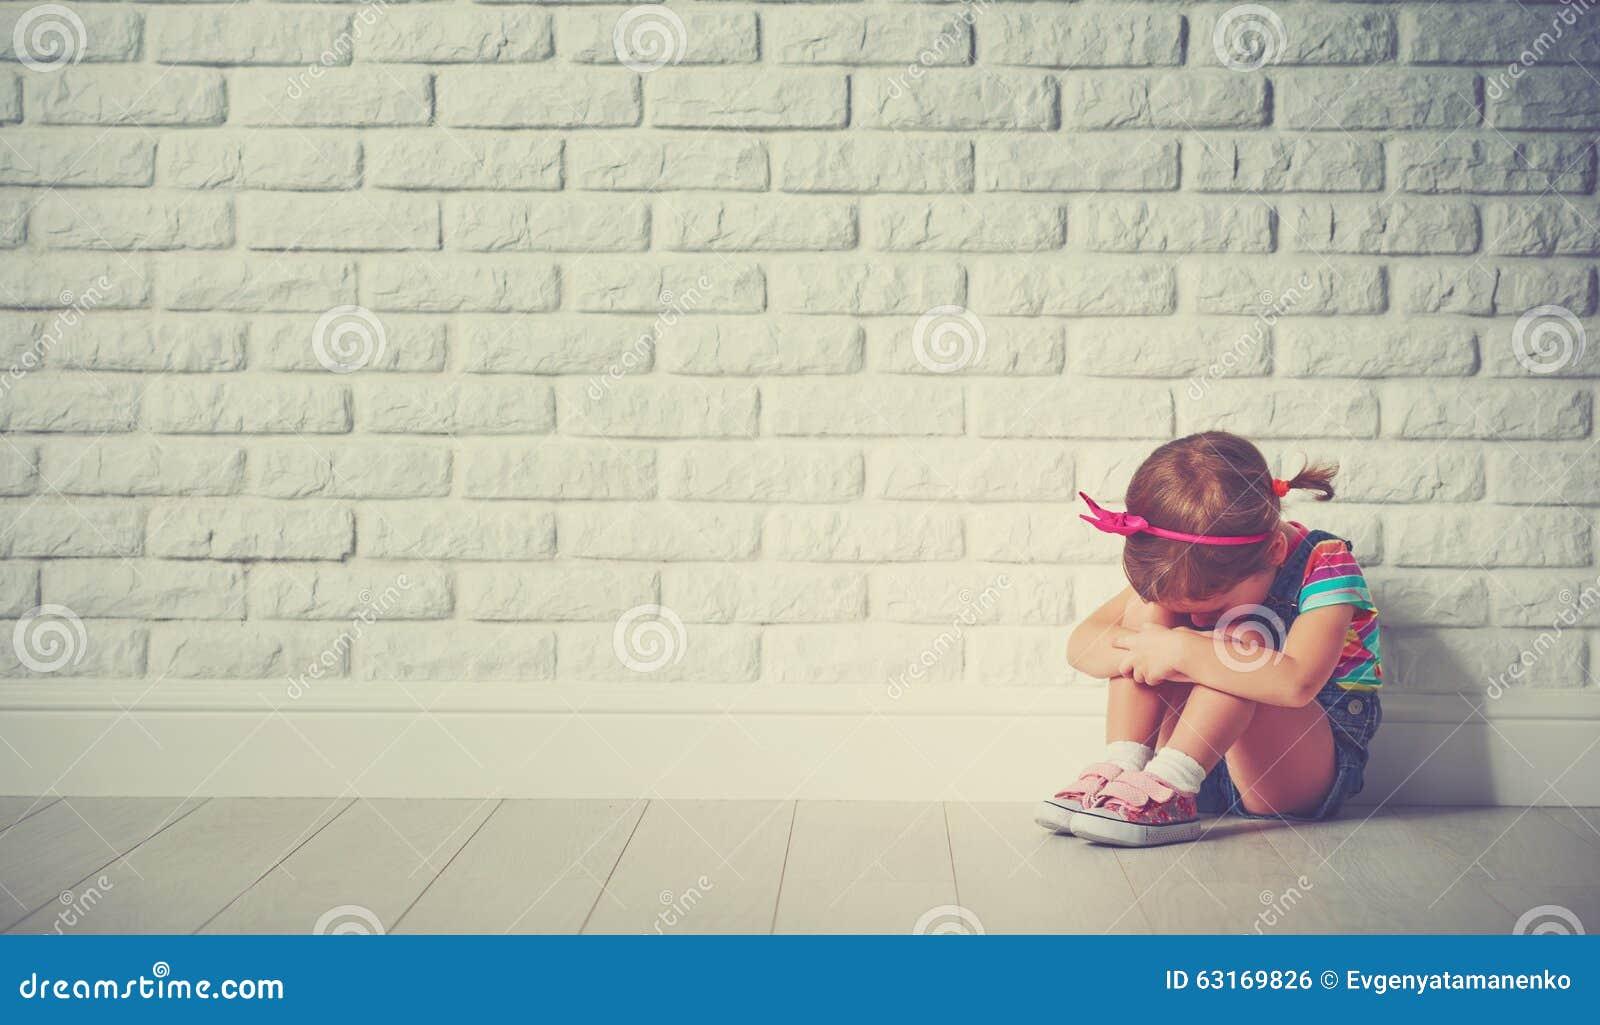 Małe dziecko dziewczyny płacz i smutny o ściana z cegieł